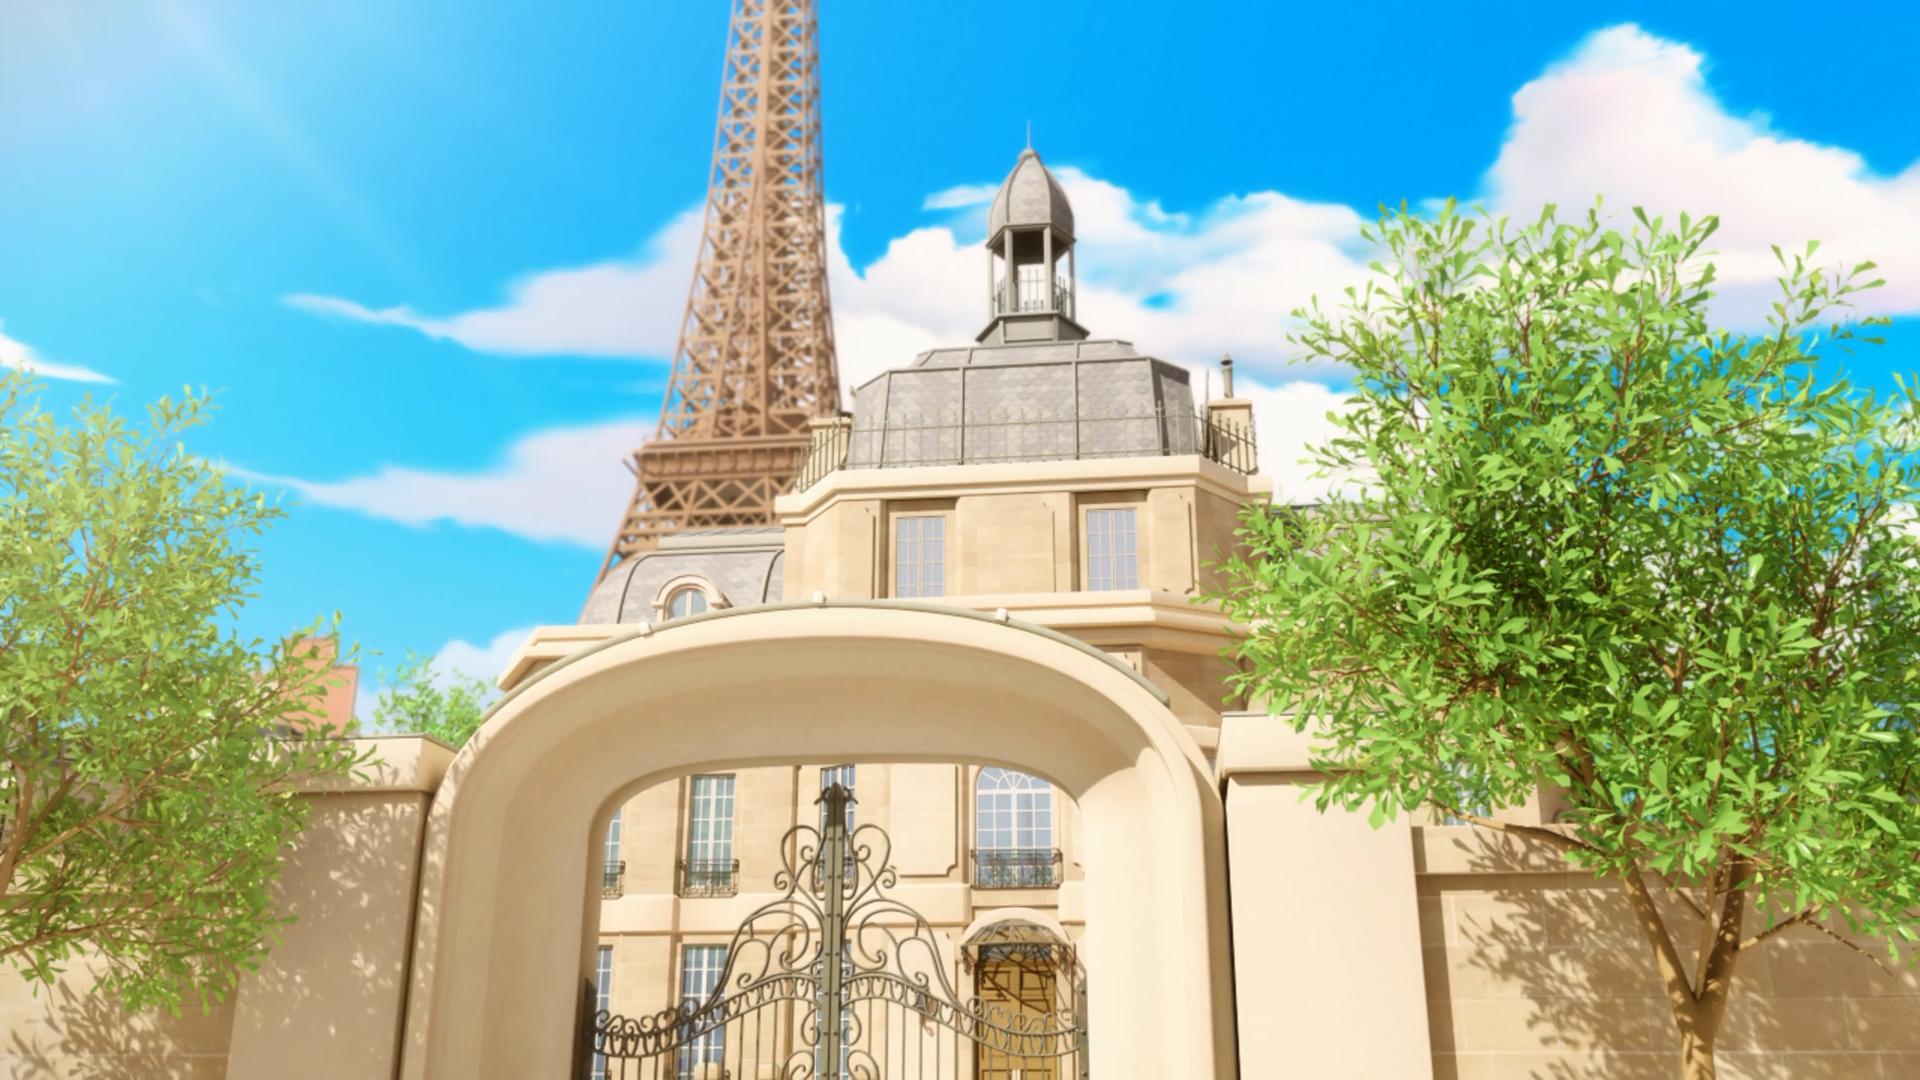 Agreste mansion